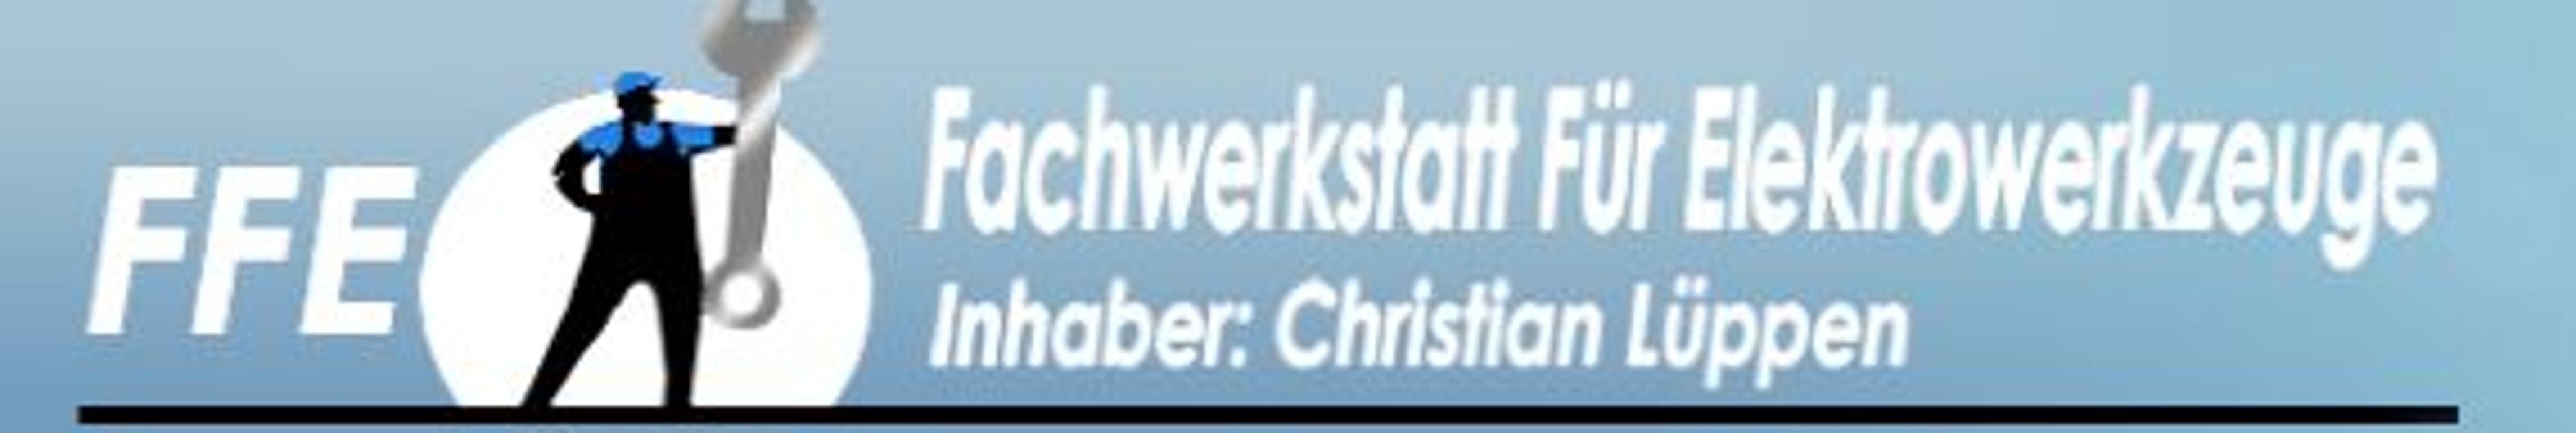 FFE-Christian Lüppen Fachwerkstatt für Elektrowerkzeuge